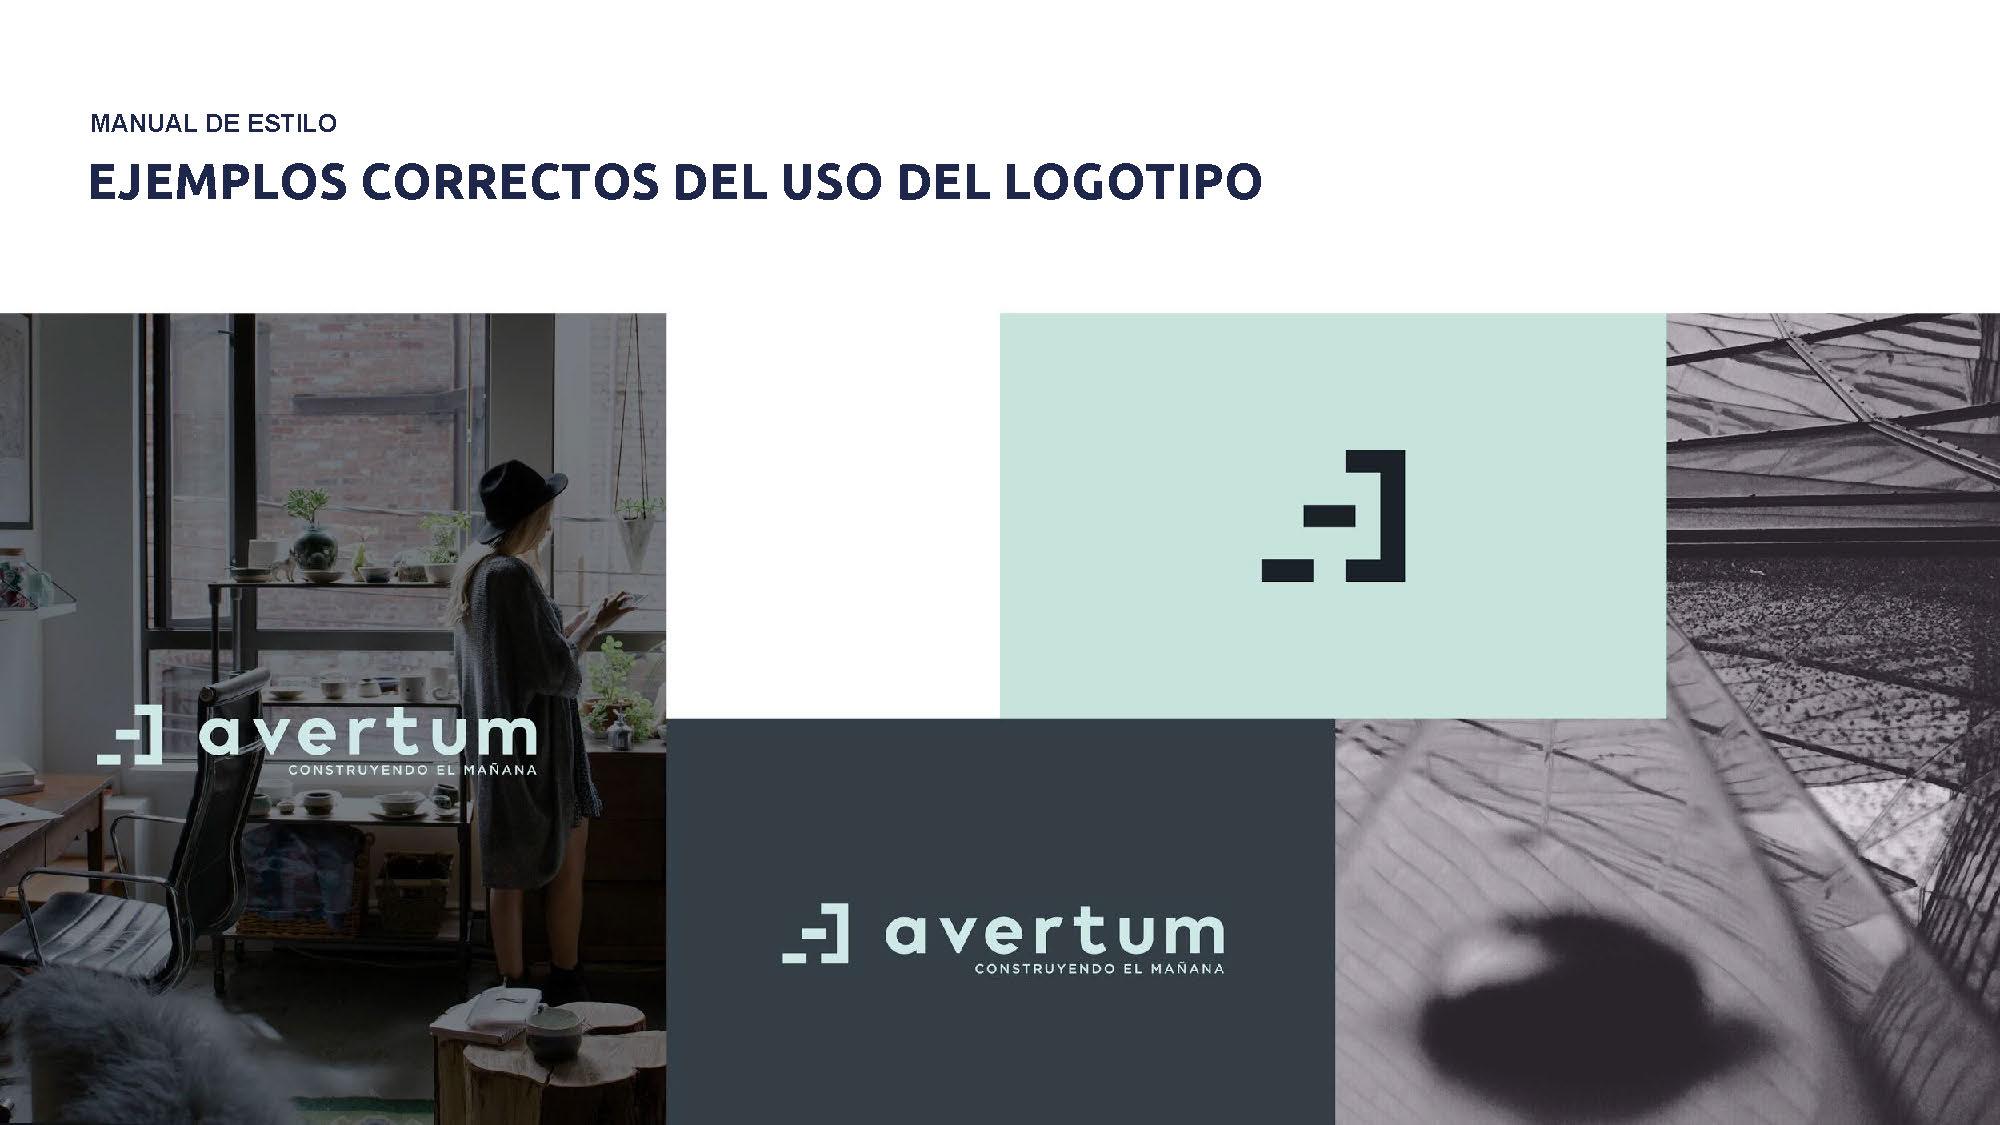 Ejemplos de aplicación de la identidad de Avertum by Reaktiva